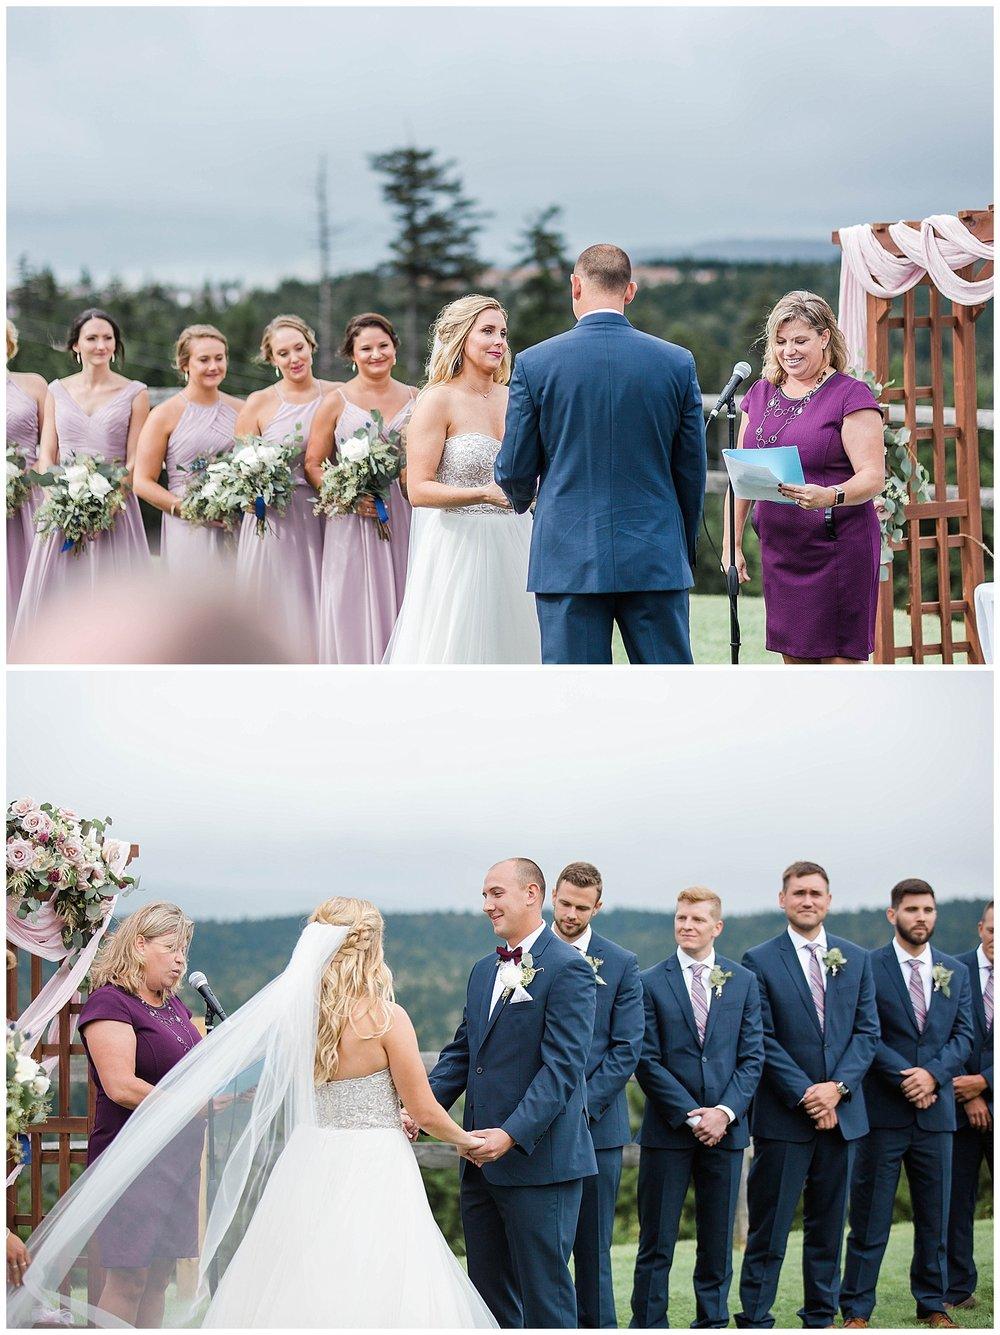 Saiko_Kara_Blakeman_Photography_Snowshoe_Wedding_Wv_2018_42